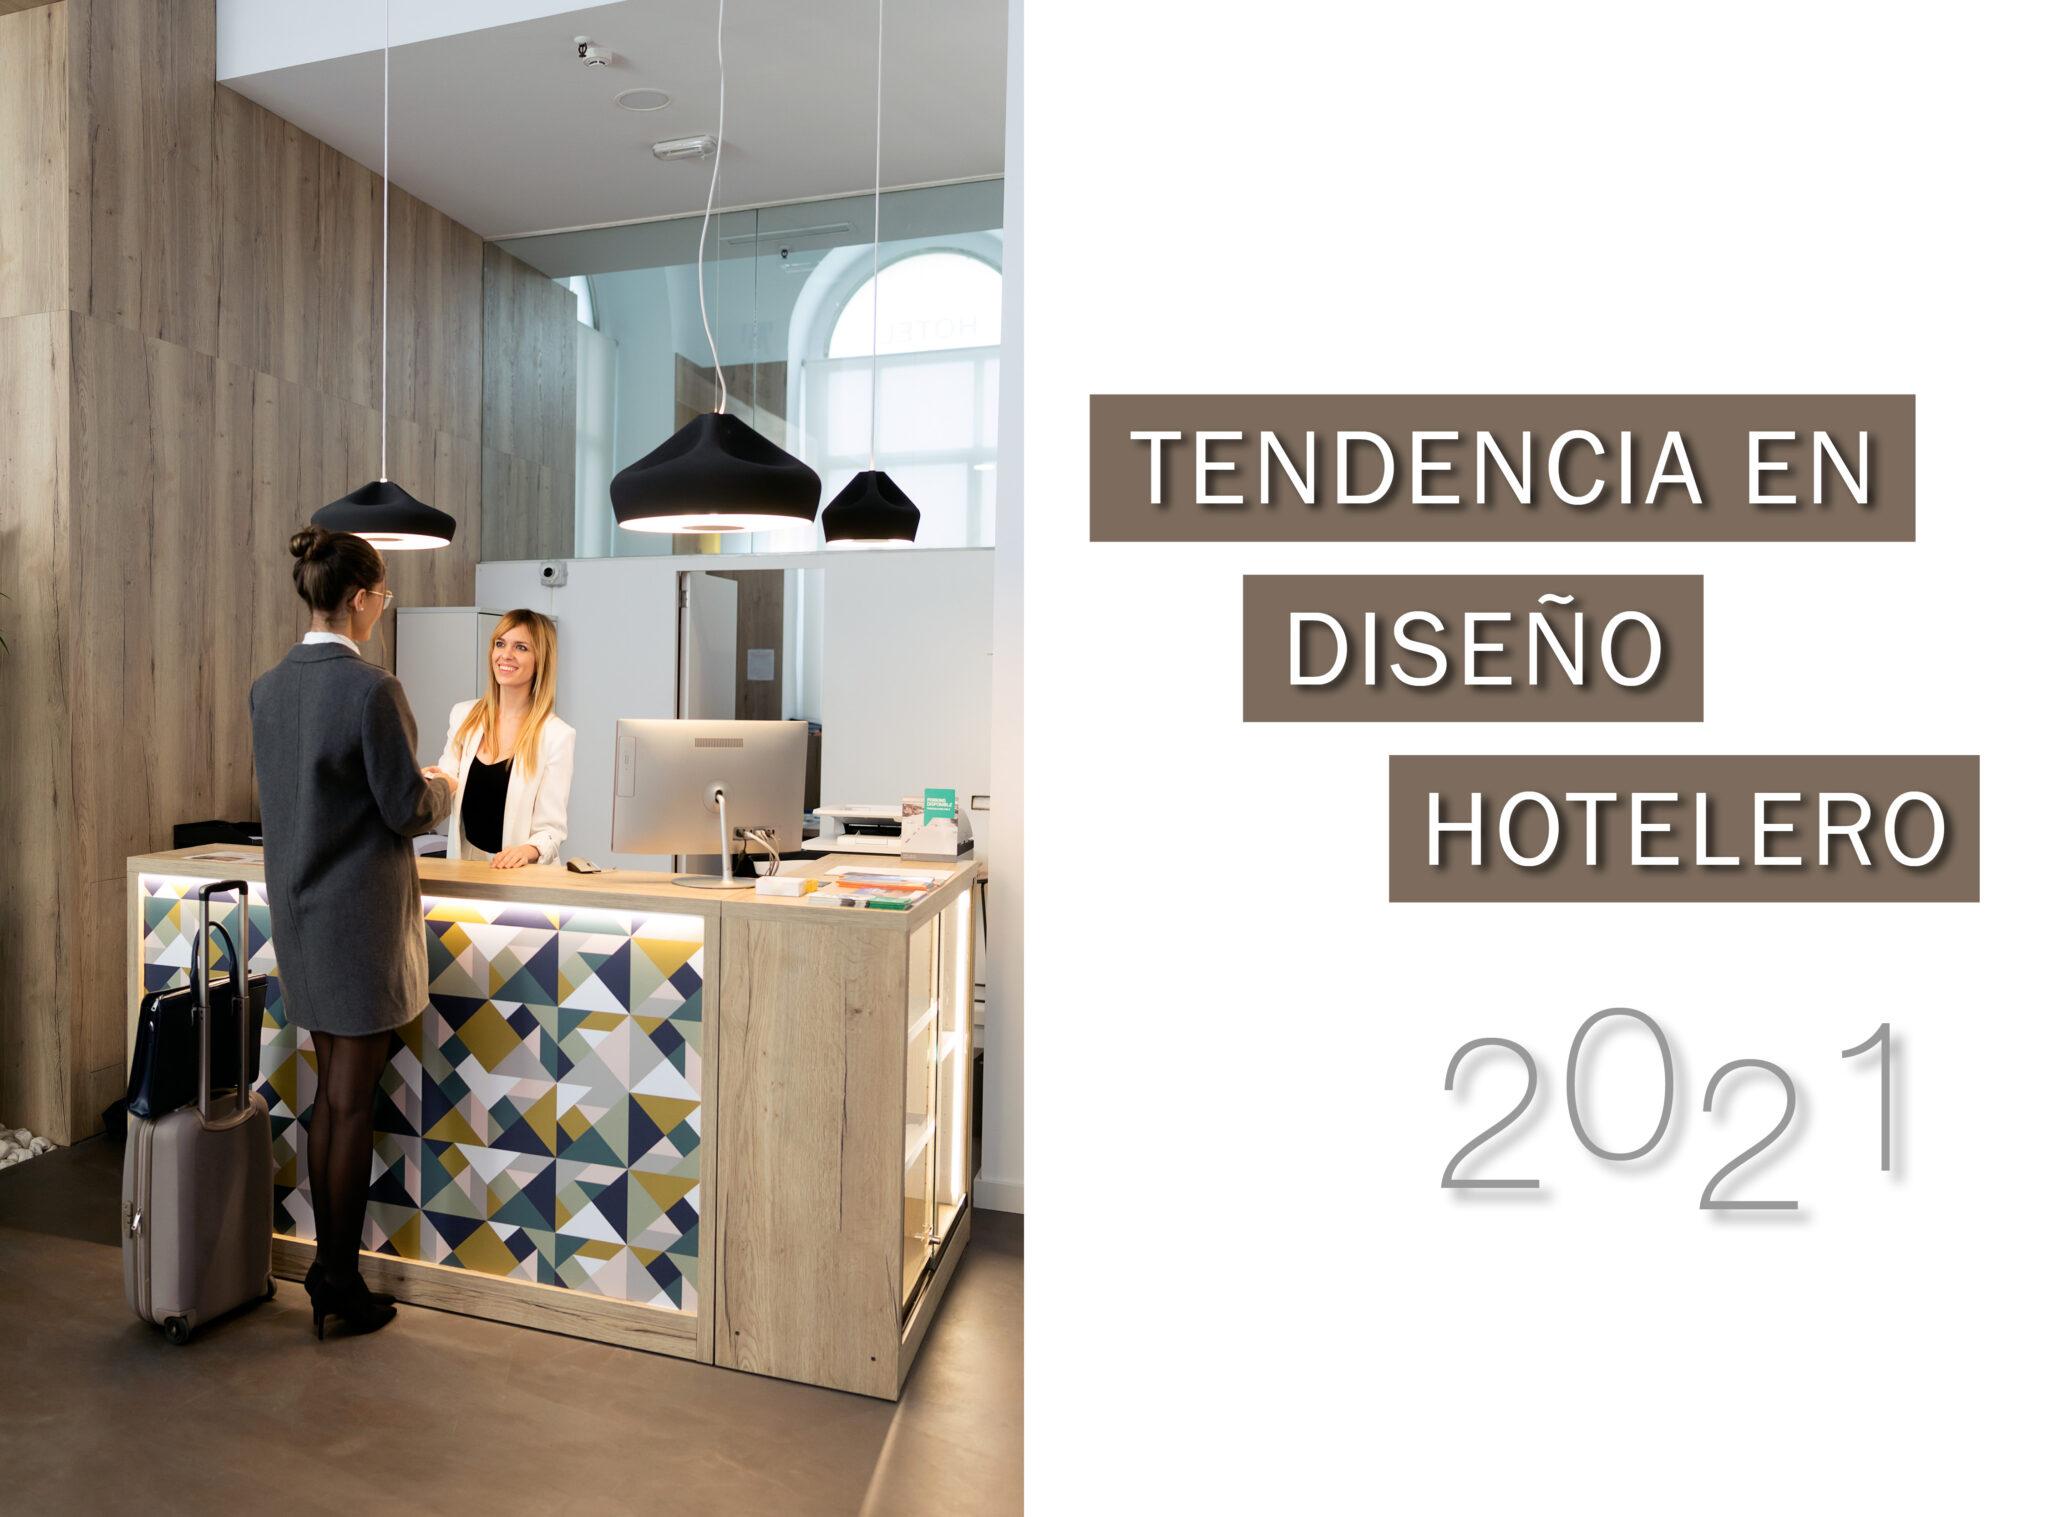 Tendencias en Diseño Hotelero 2021